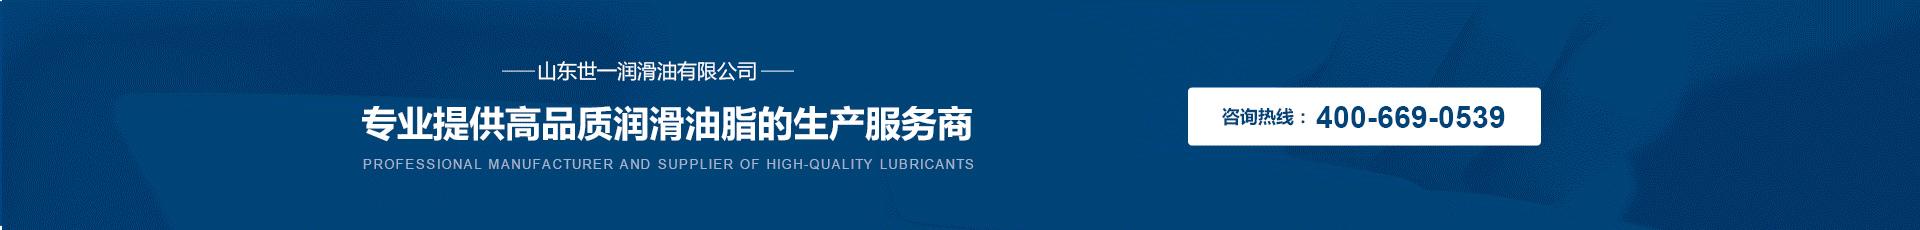 专业提供高品质润滑油脂的生产服务商